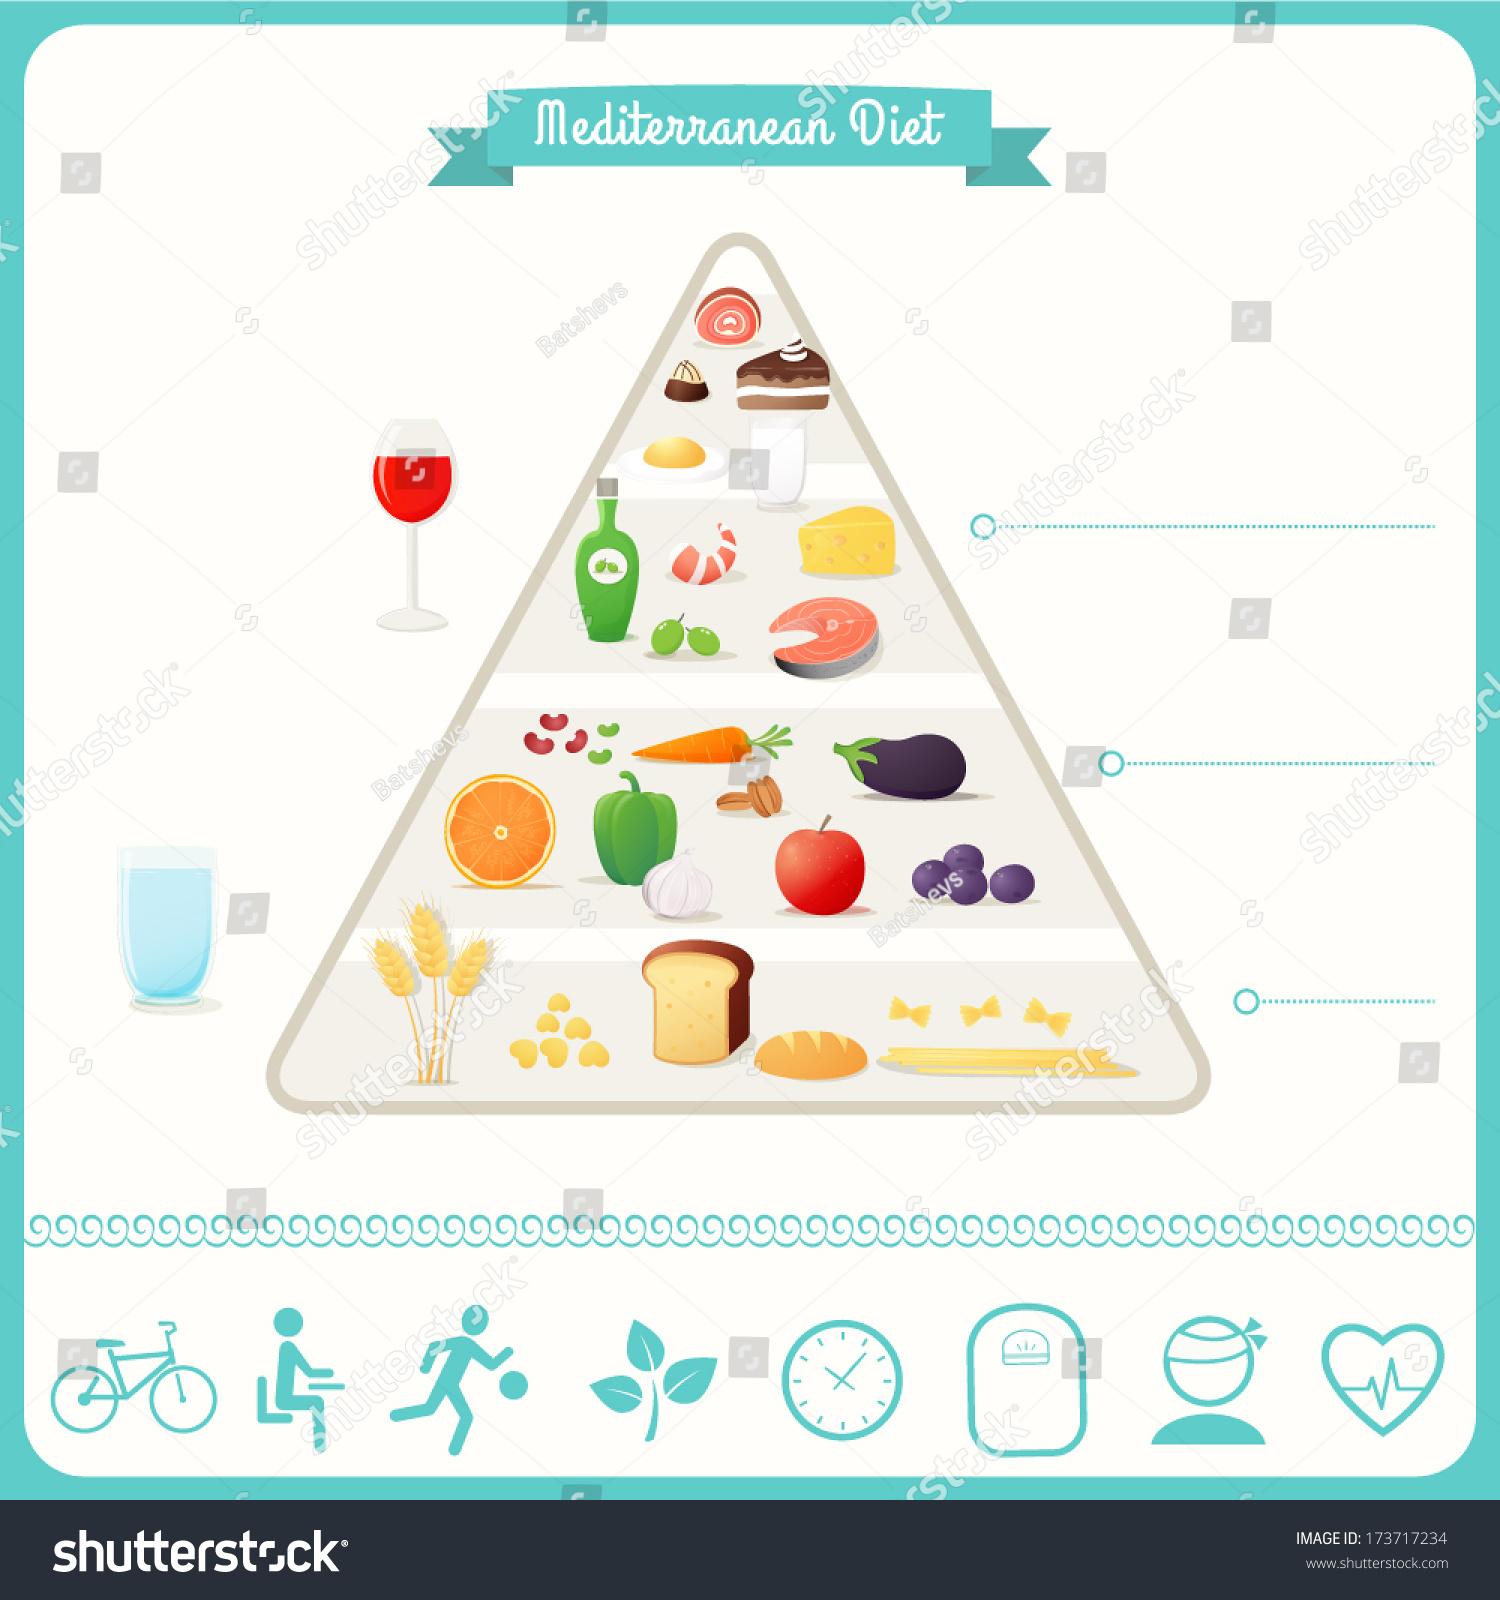 地中海饮食的食物金字塔和图表-食品及饮料